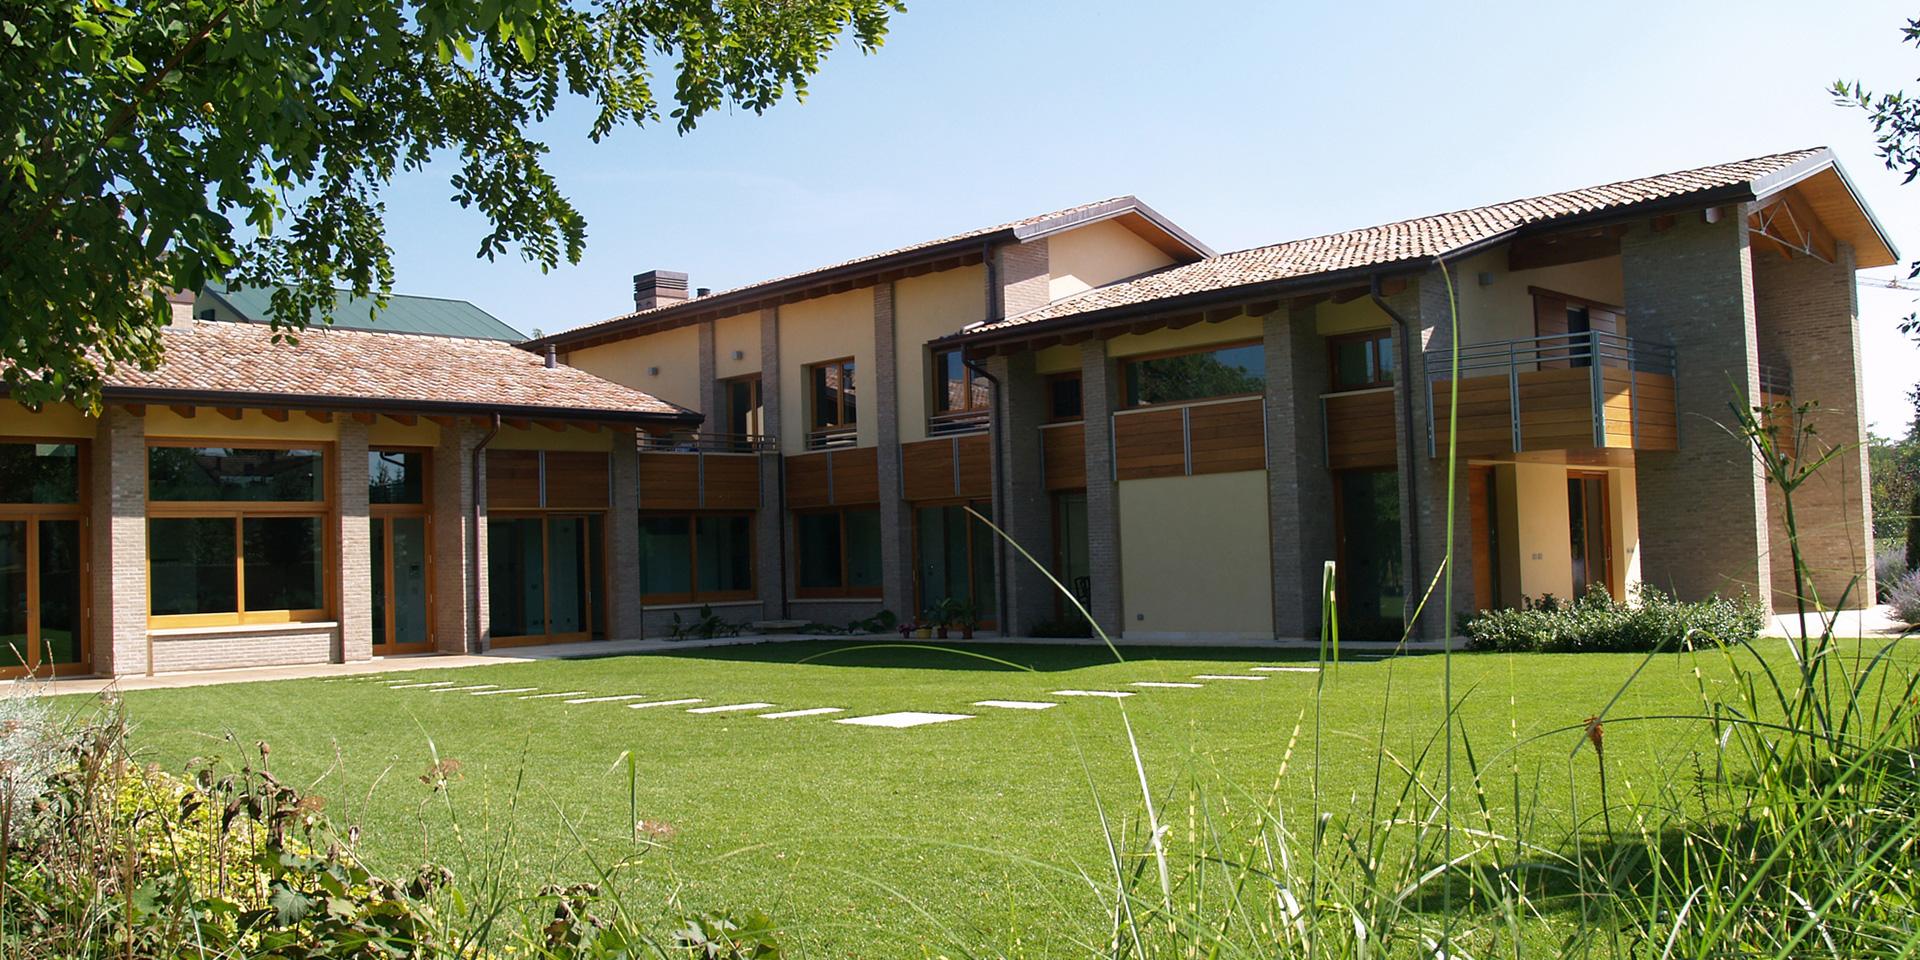 Villa privata a Bibbiano, Binini Partners, Società di architettura e ingegneria